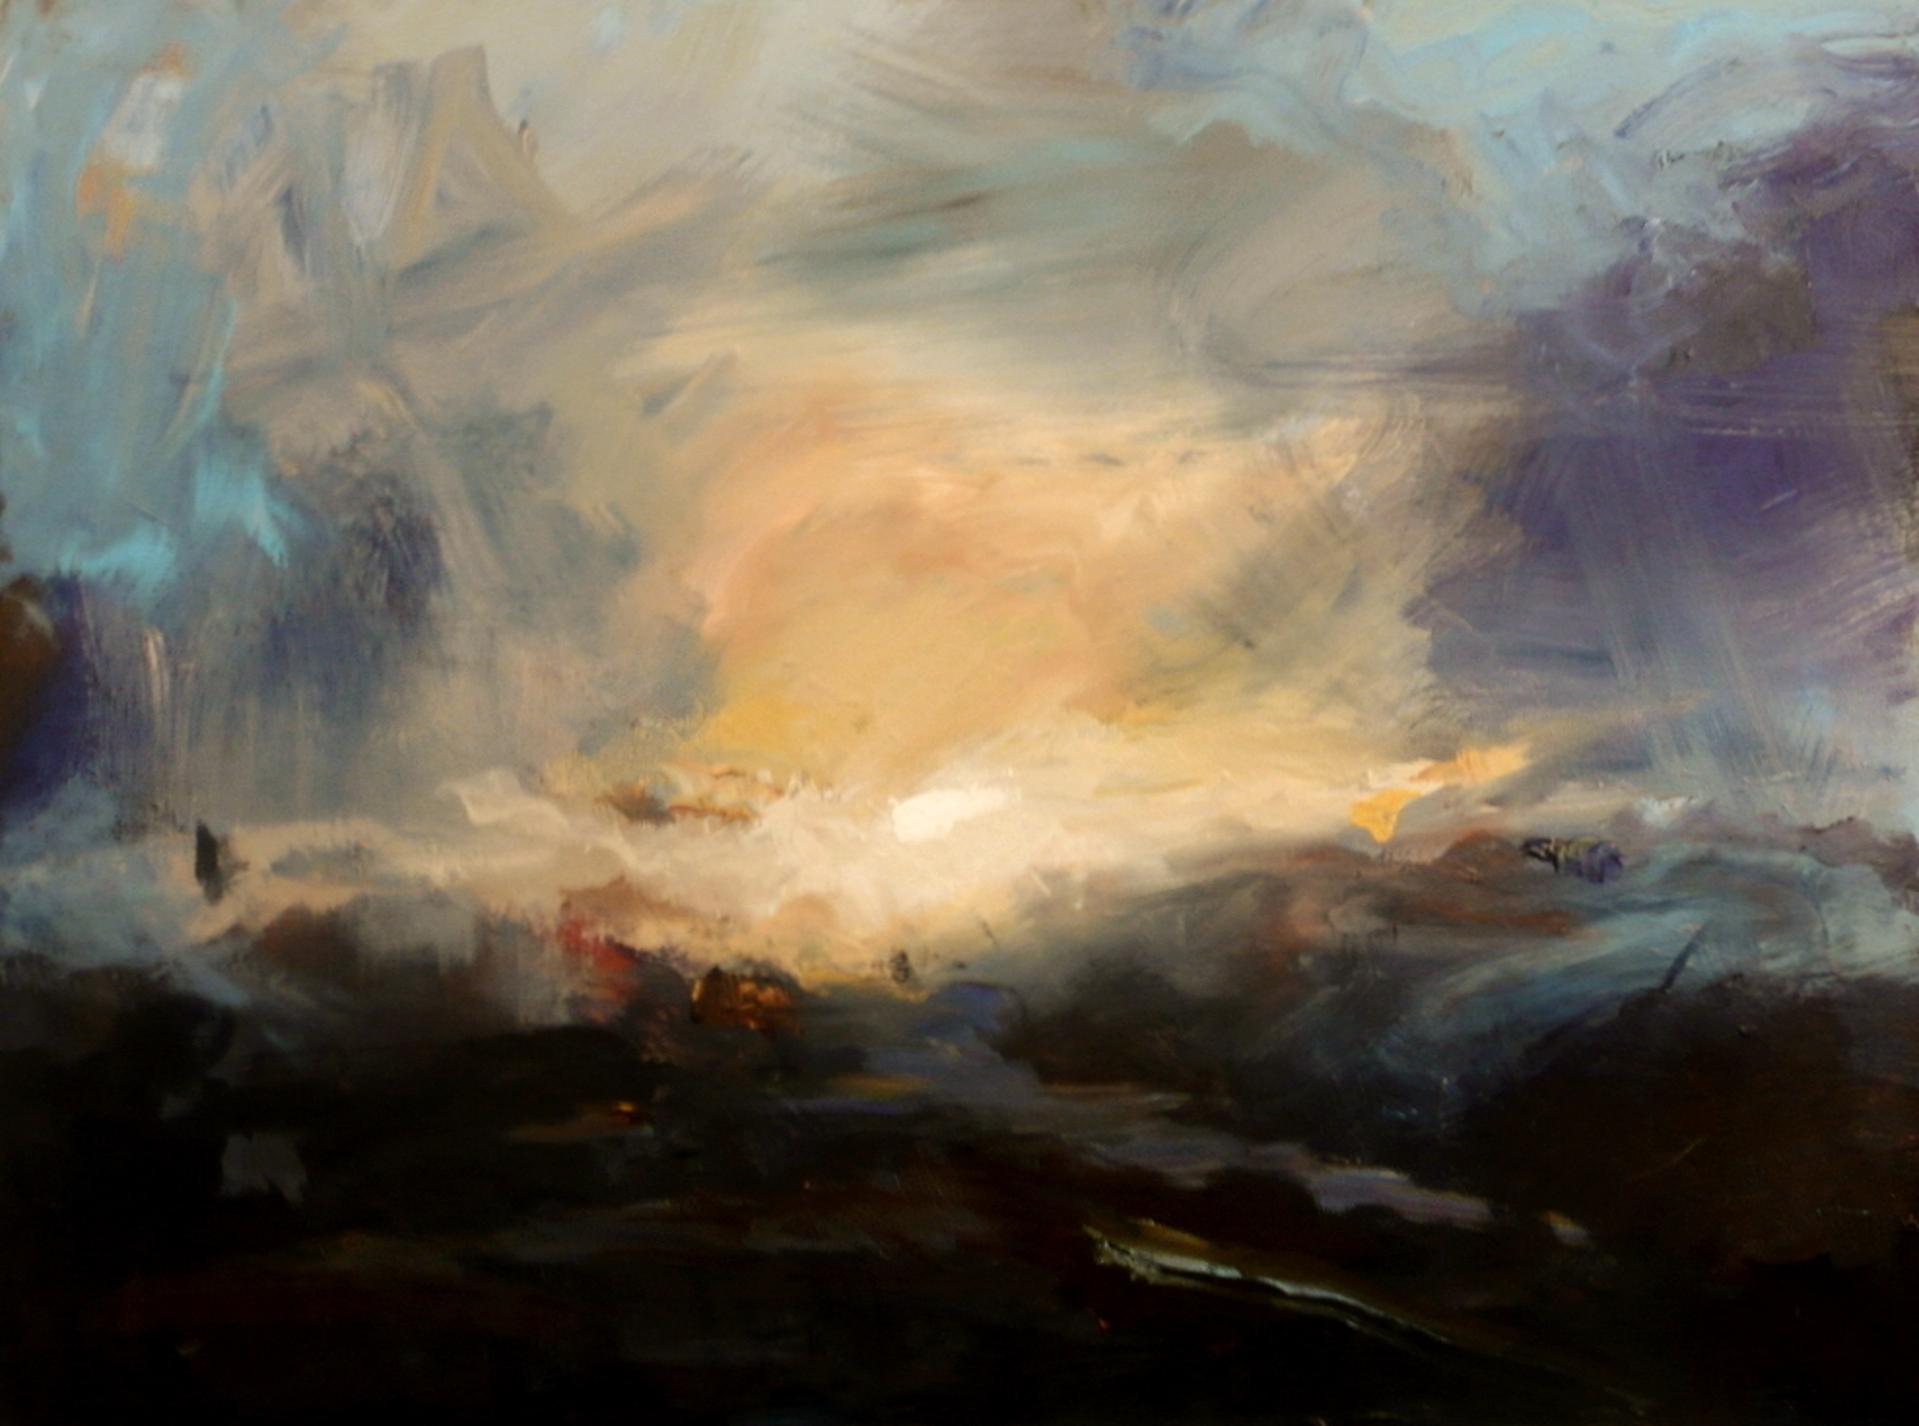 Montrose Nocturne by Tobin G Karicher